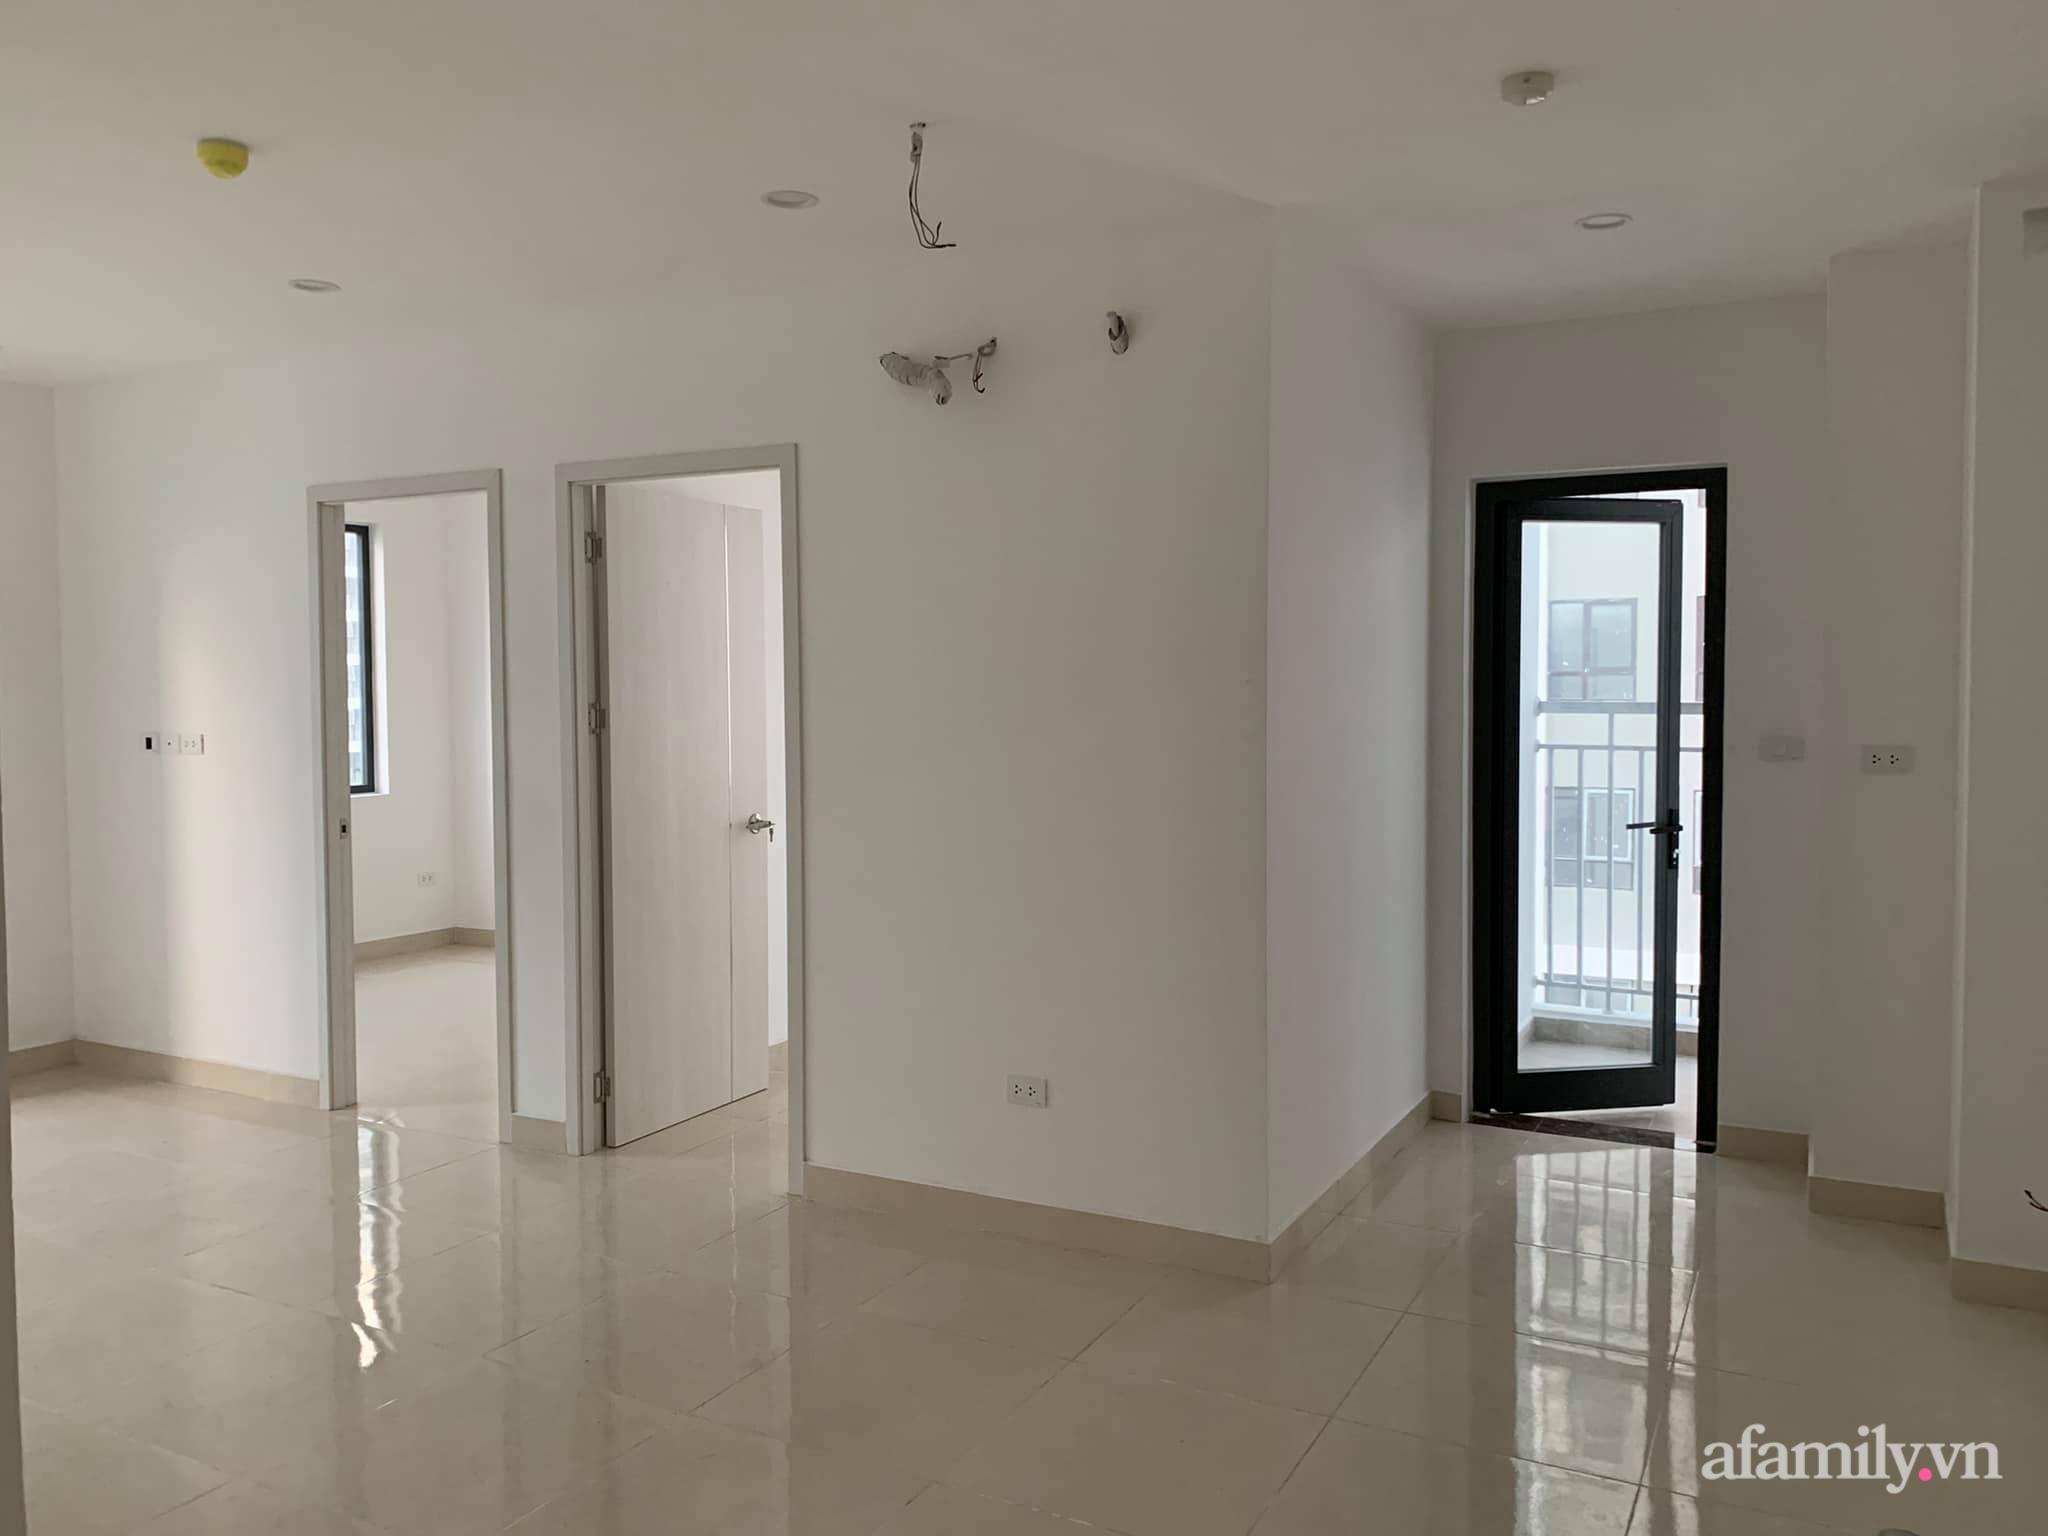 Nhà ở xã hội 69m² siêu ấm áp và tiện ích có chi phí cải tạo 200 triệu đồng của cặp vợ chồng 9X ở Từ Liêm, Hà Nội - Ảnh 2.